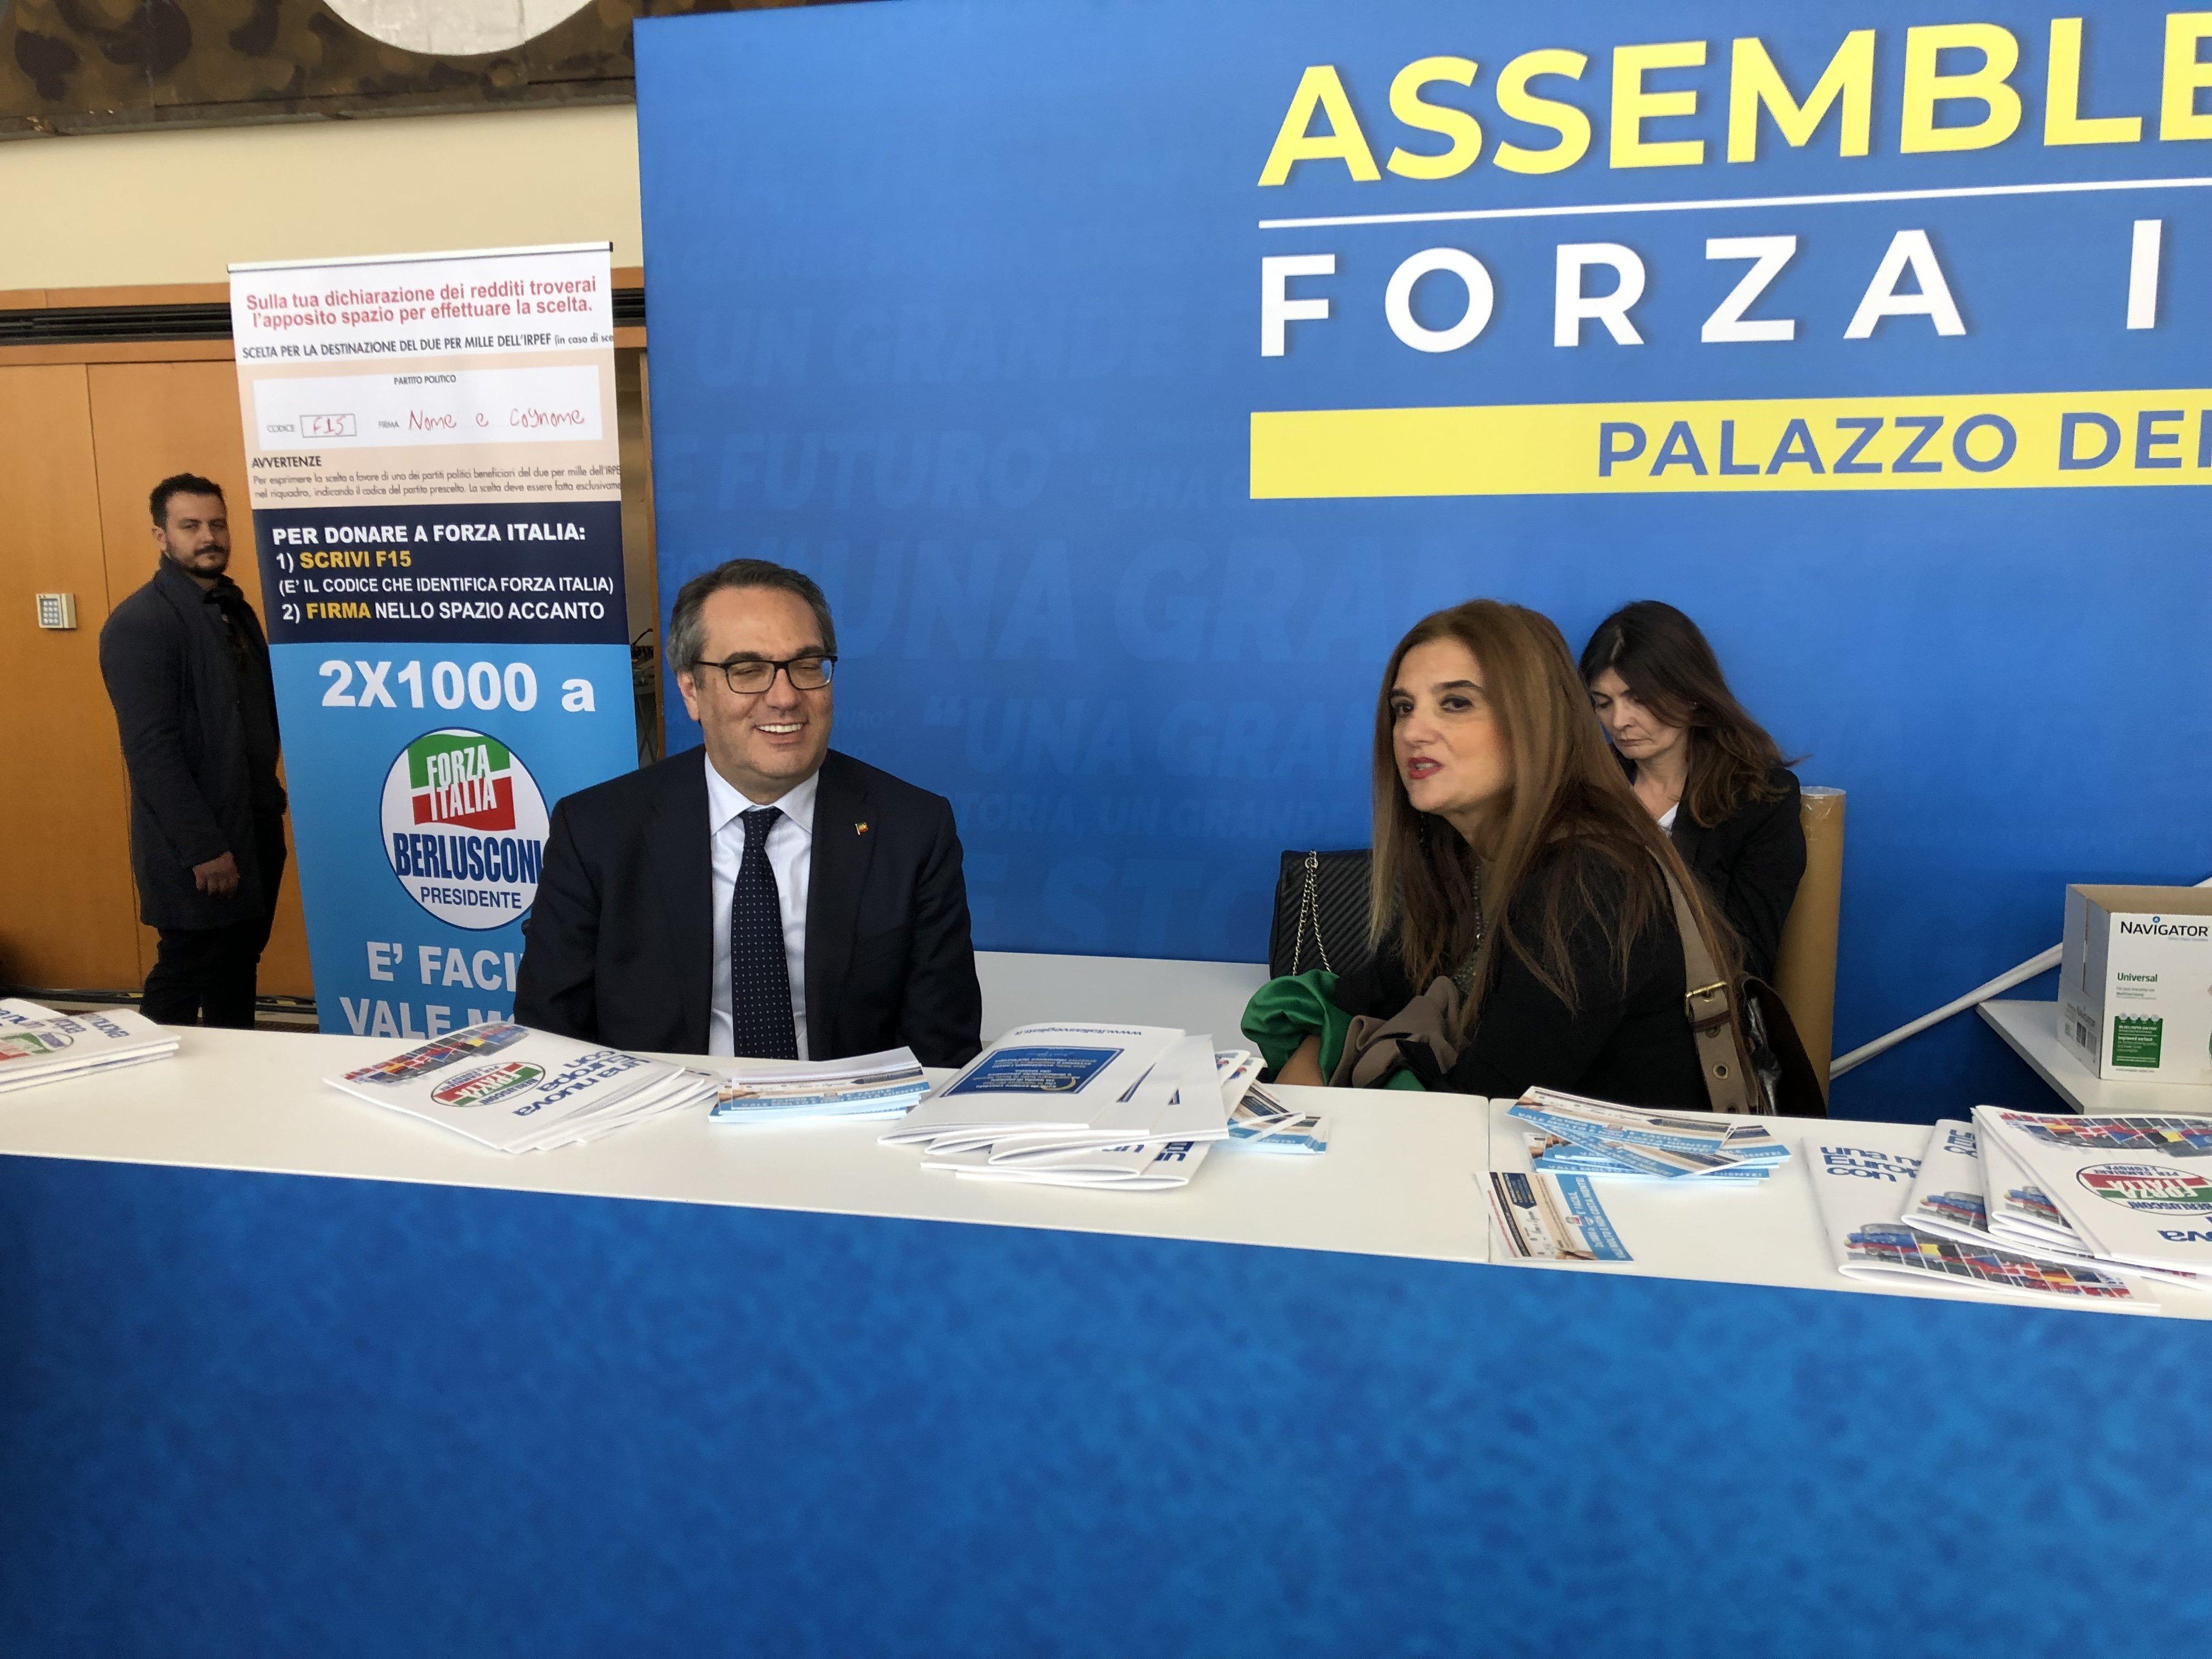 Assemblea Nazionale: Arezzo c'è! 26